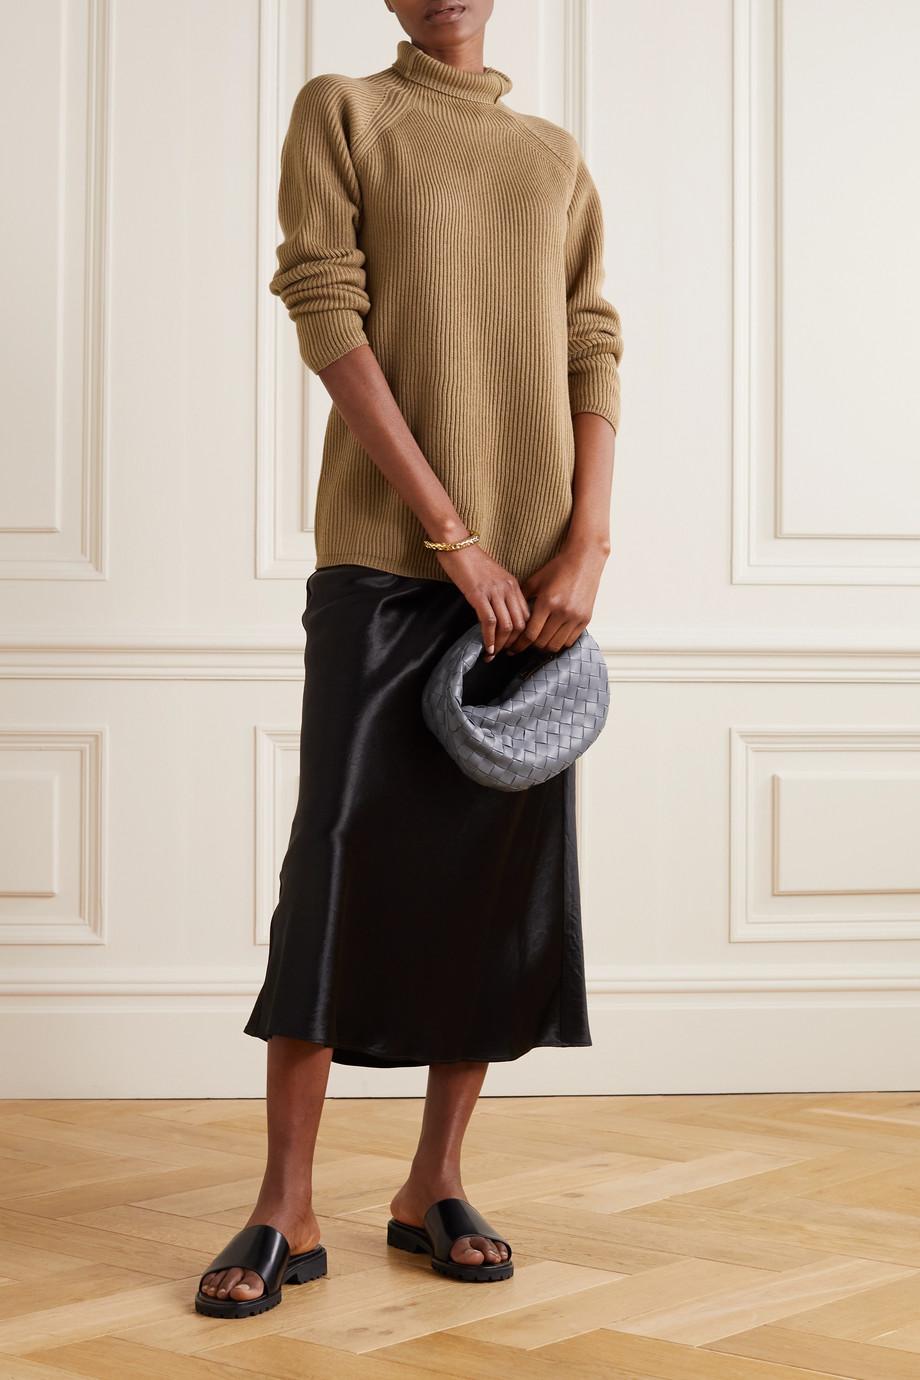 Max Mara + Leisure Gimmy Rollkragenpullover aus gerippter Wolle